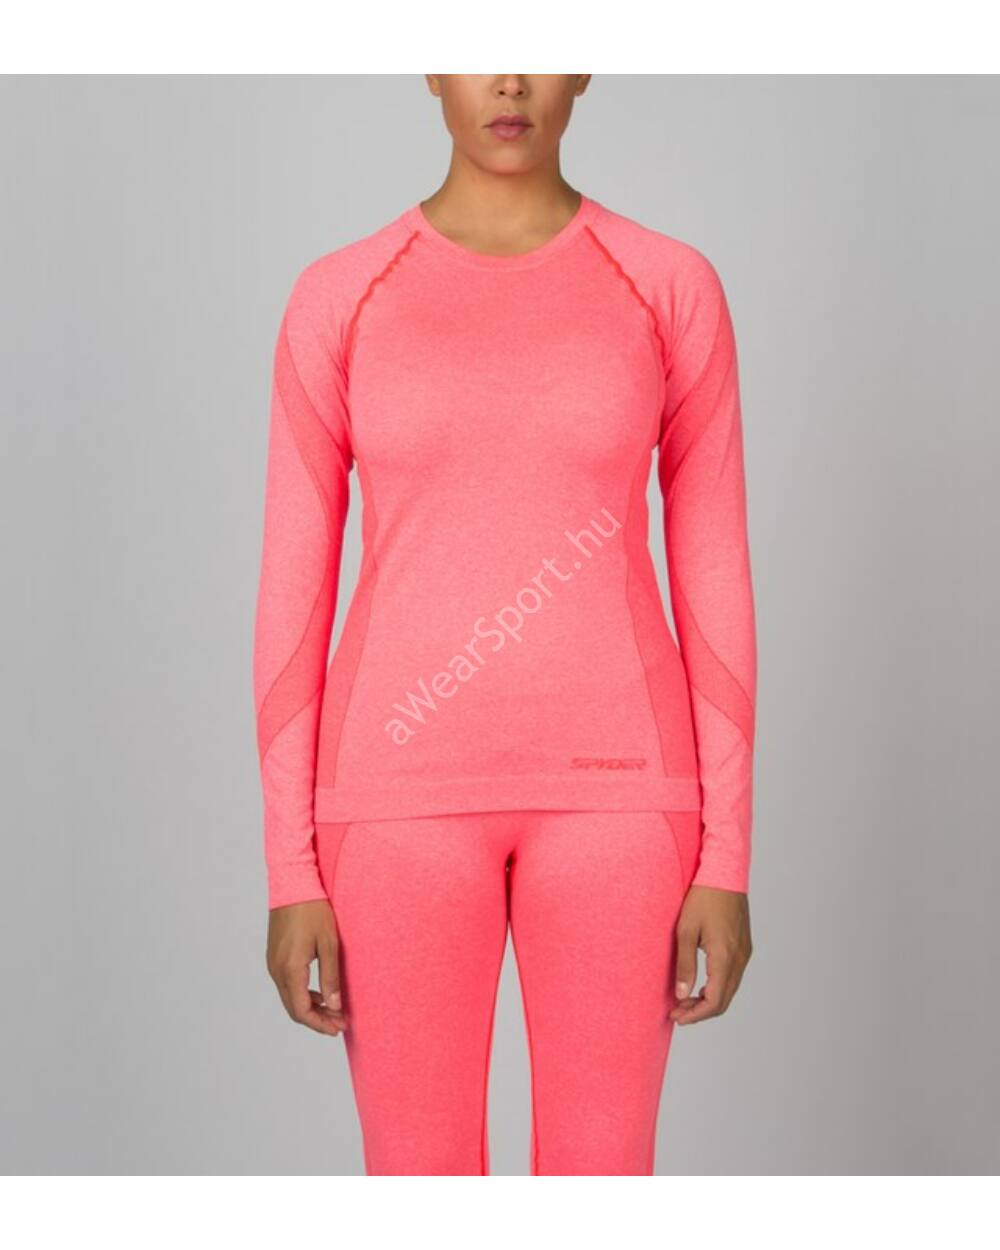 Spyder Runner női aláöltöző nadrág, pink